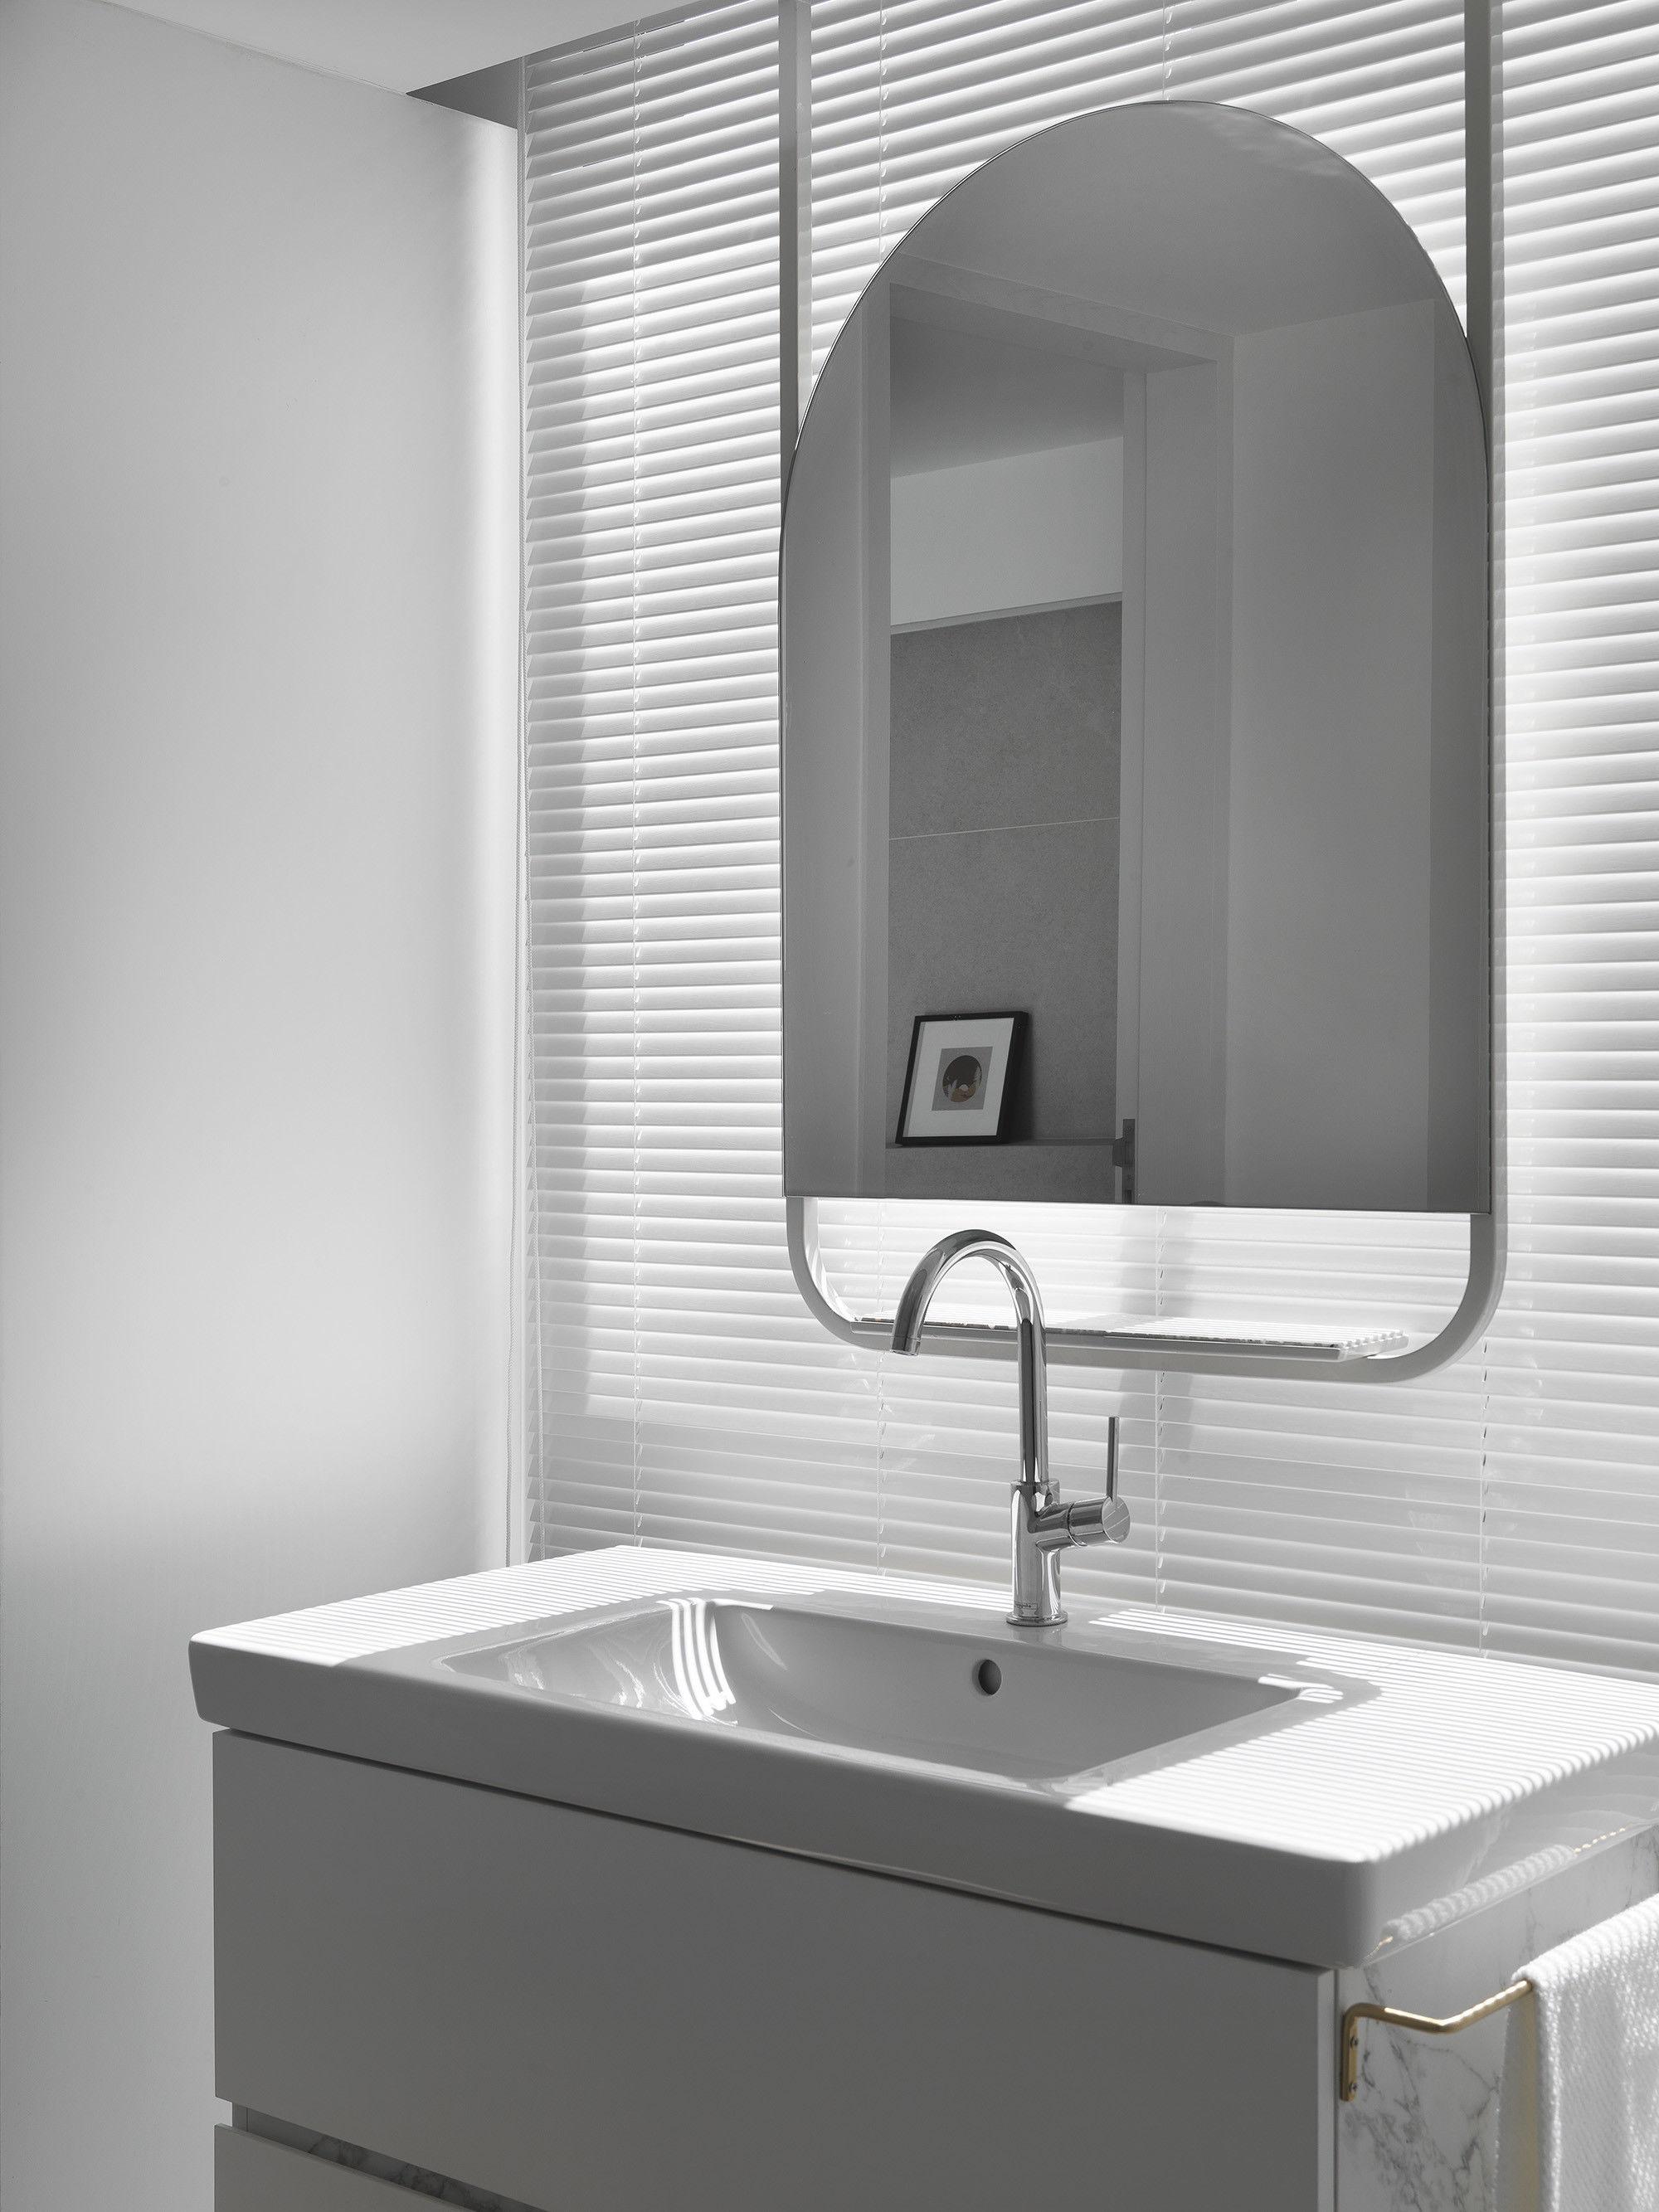 台中 分子室內裝修設計 - 單層電梯大樓 - 現代風住宅設計 - 全室舊屋翻新 - 訂製水槽